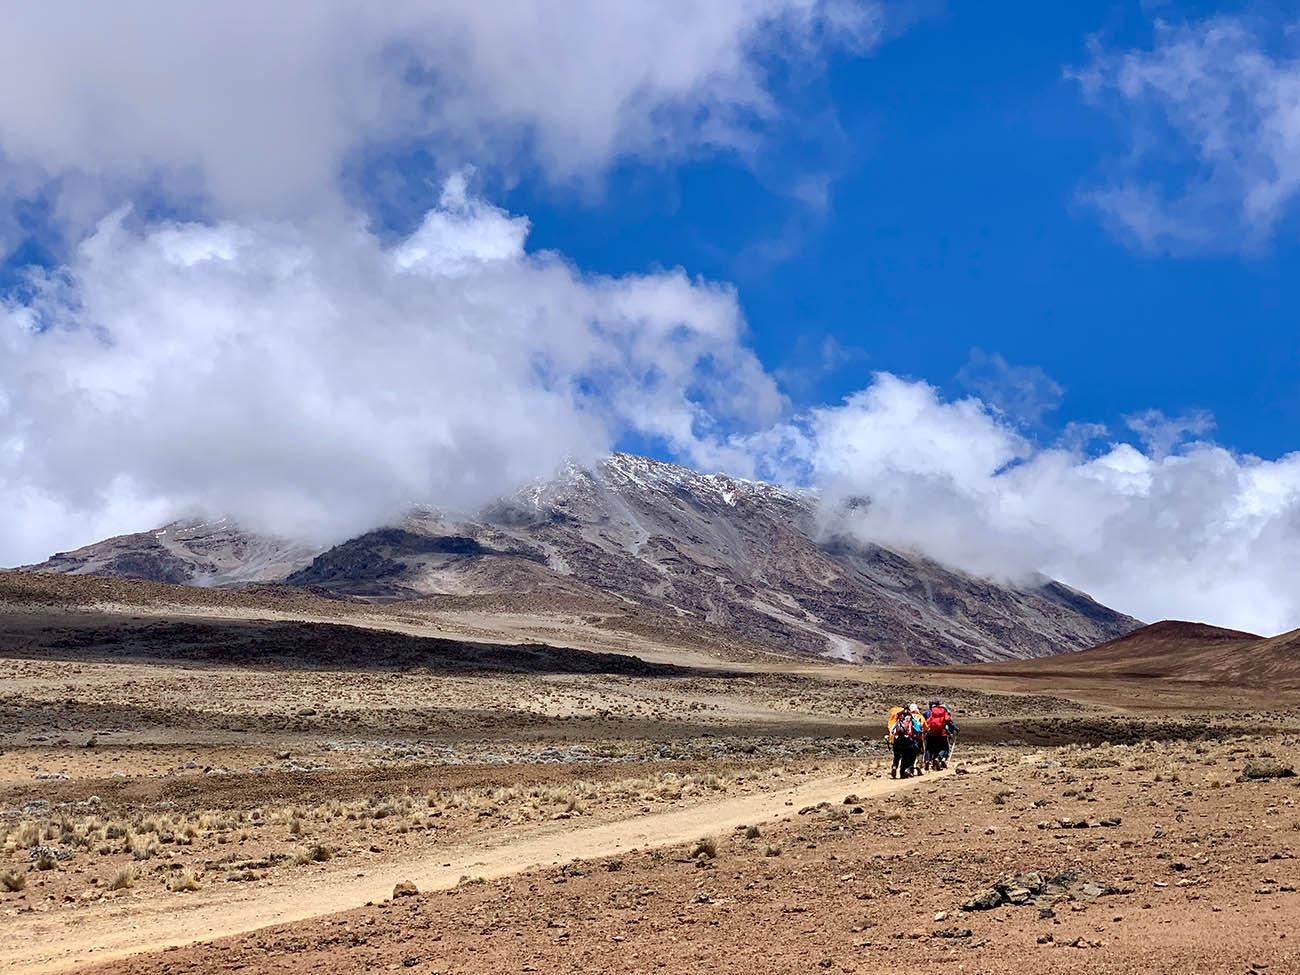 7-Dinge-die-ich-beim-Kilimandscharo-besteigen-bers-Dranbleiben-gelernt-habe